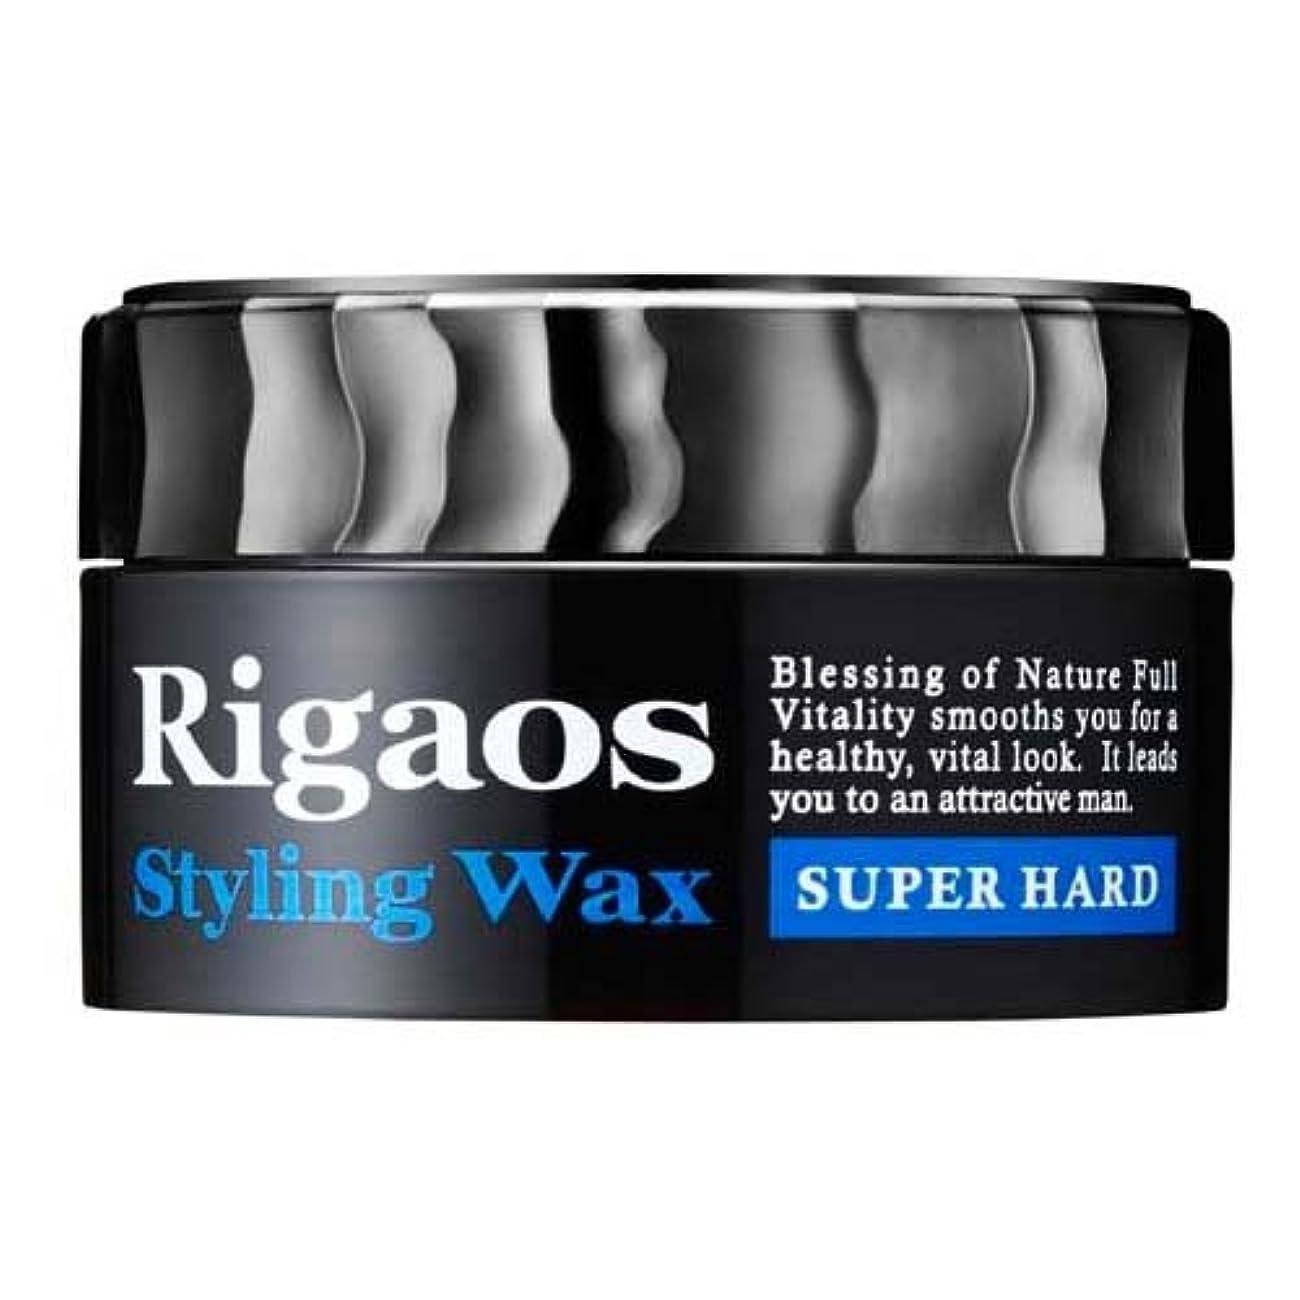 照らす優しさ風邪をひくRigaos リガオス スタイリングワックス スーパーハード ミニ 15g